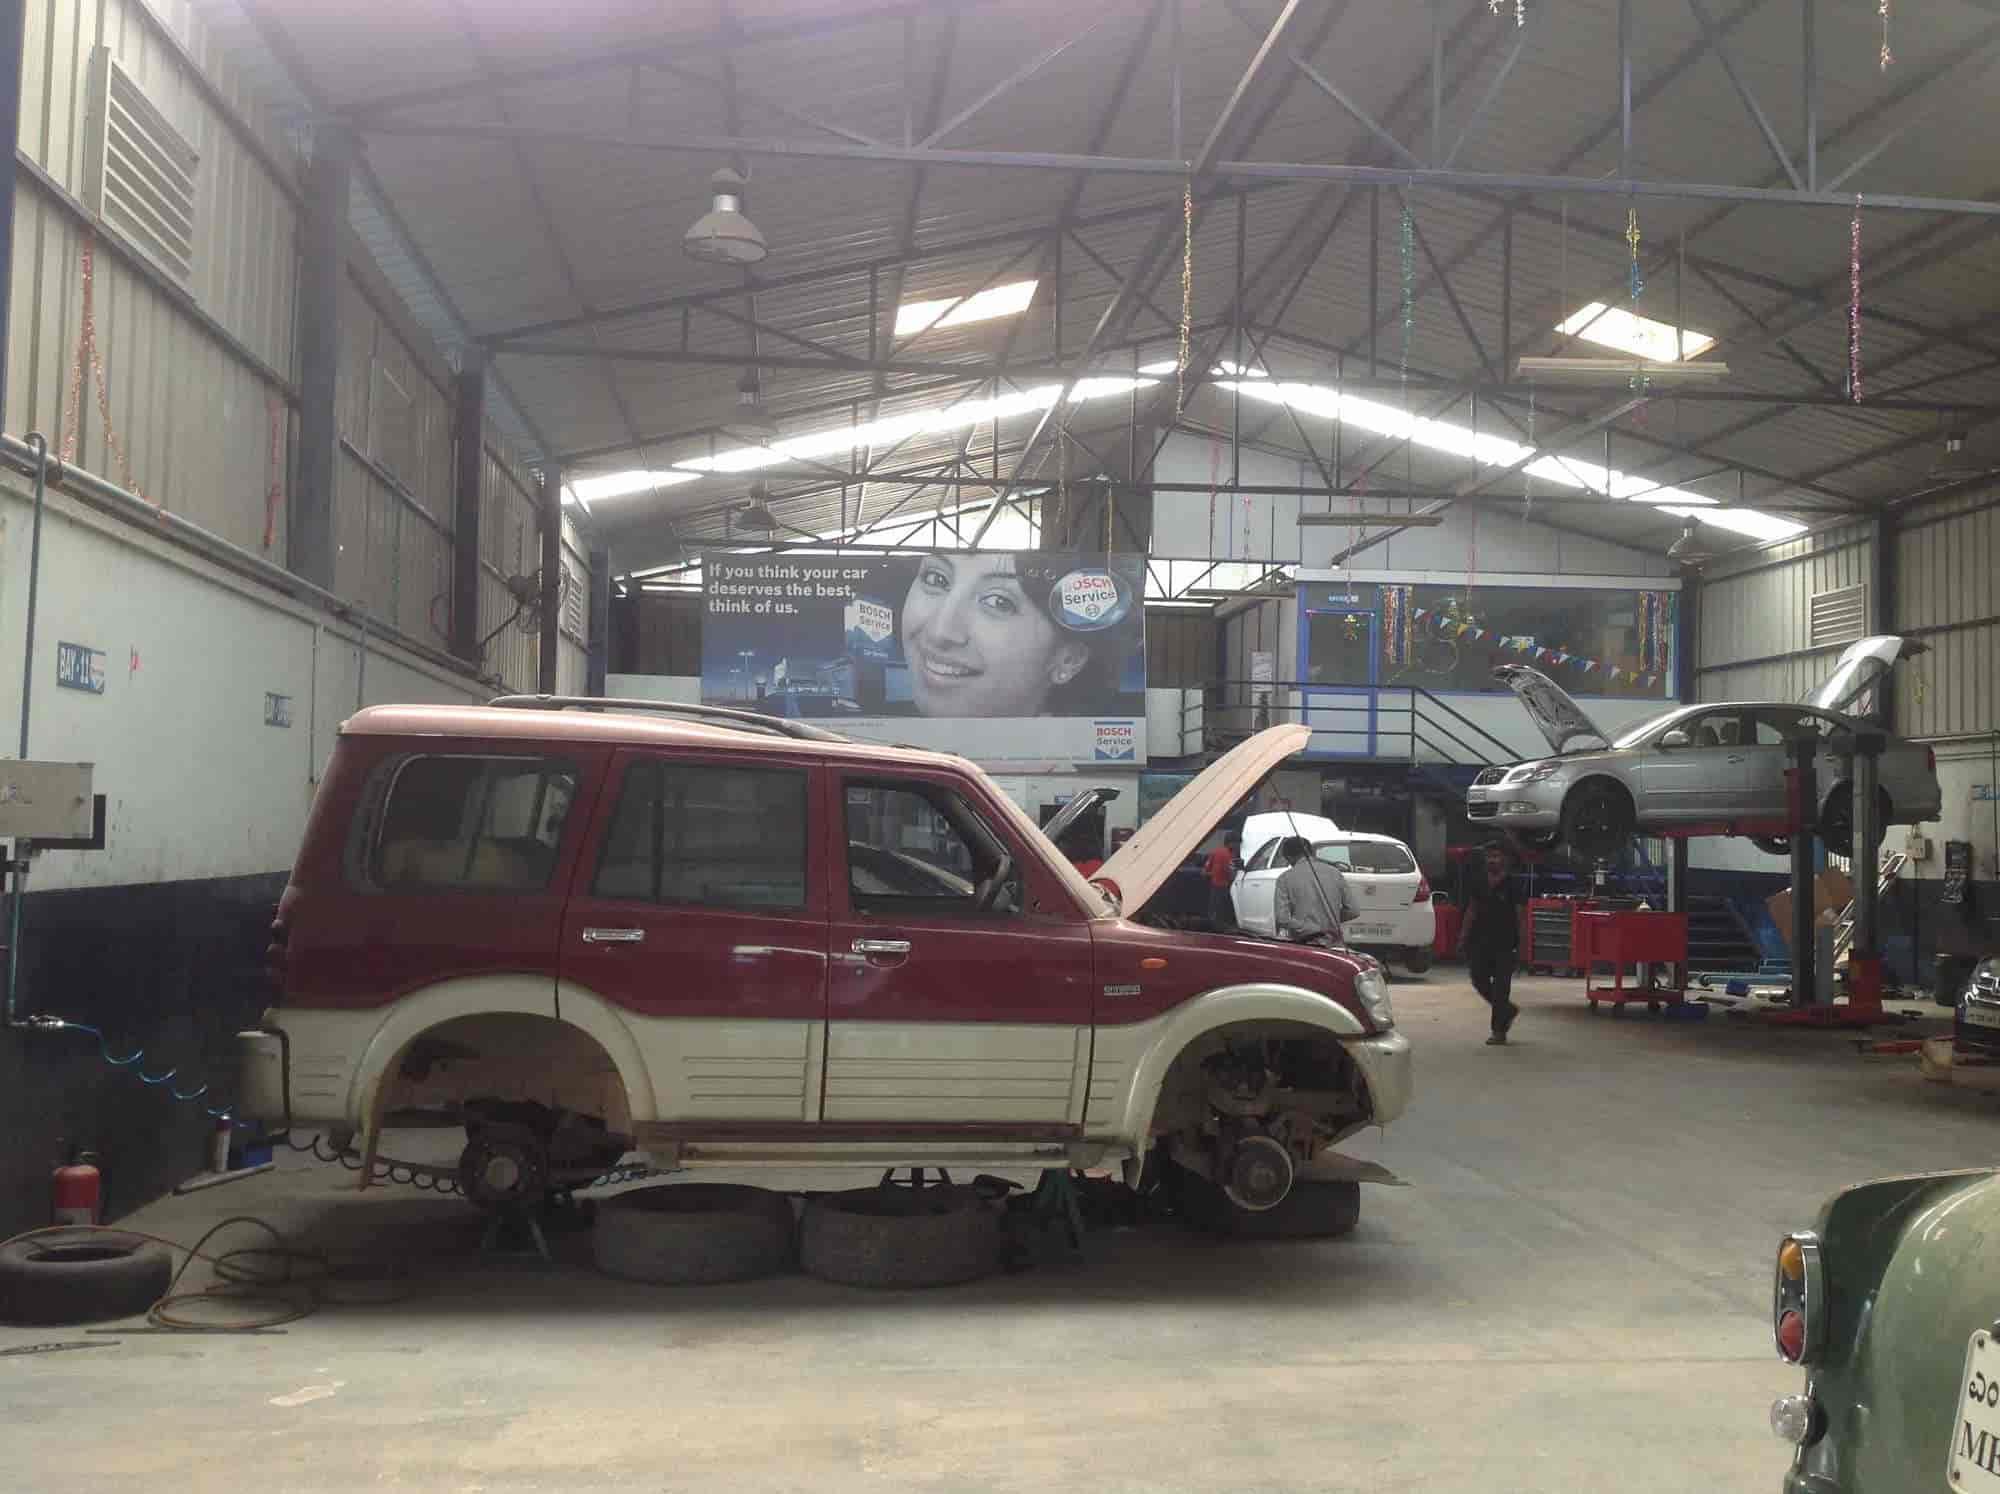 S R Motors Bosch Car Service, Mahadevapura - Car Repair & Services